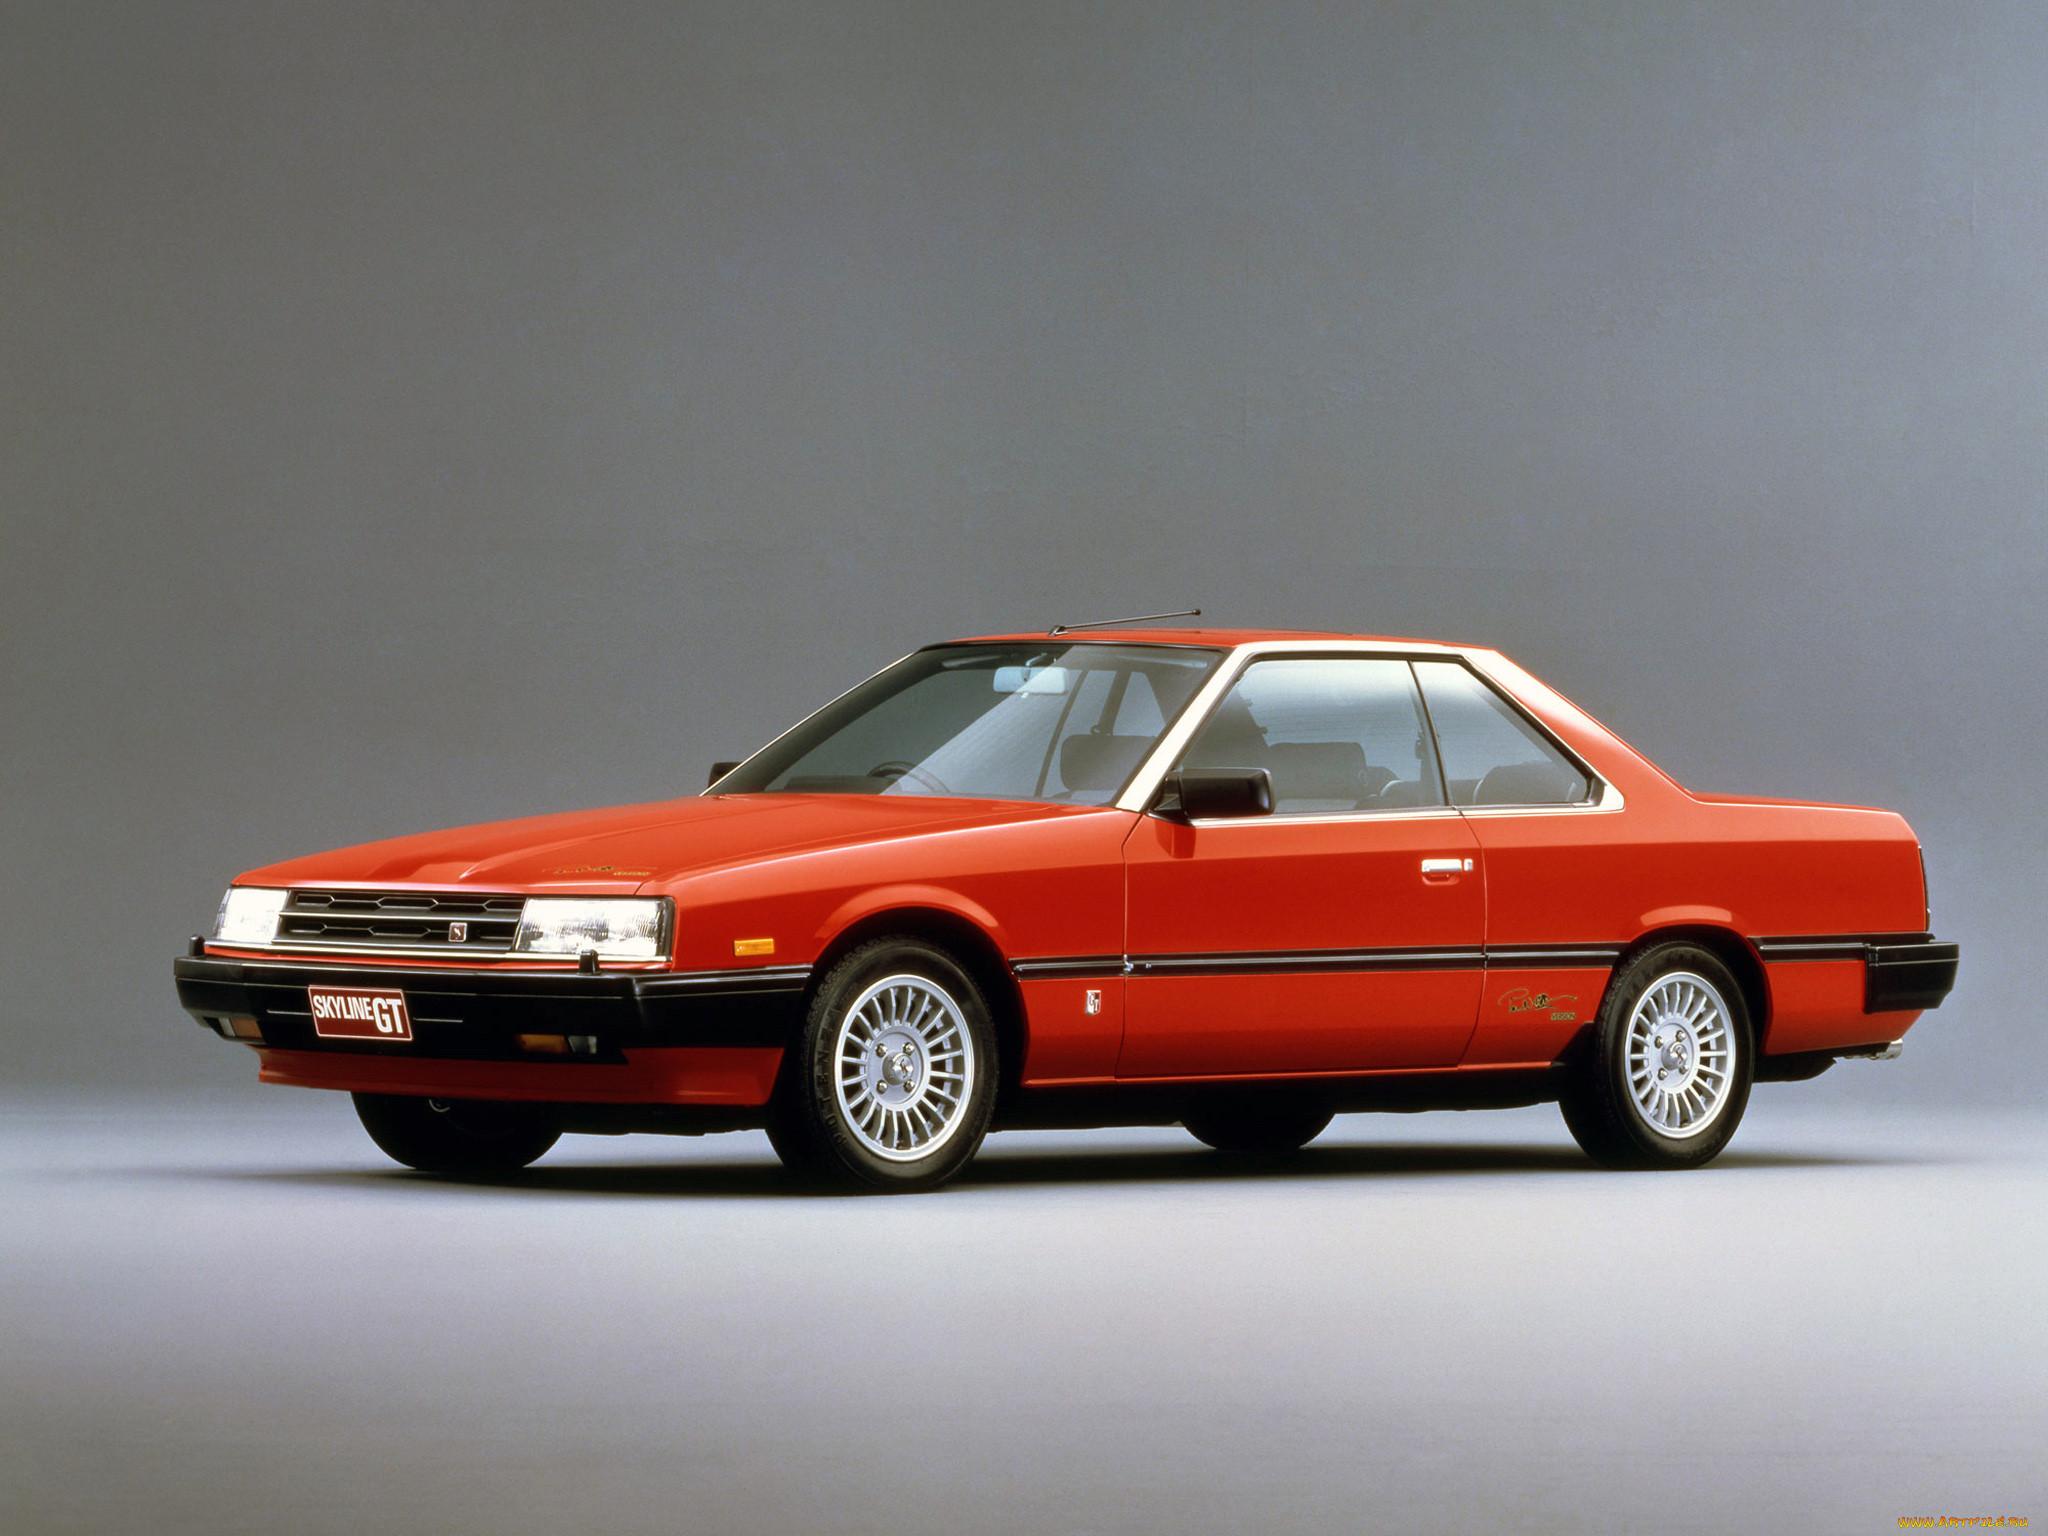 японские автомобили фото старые модели все